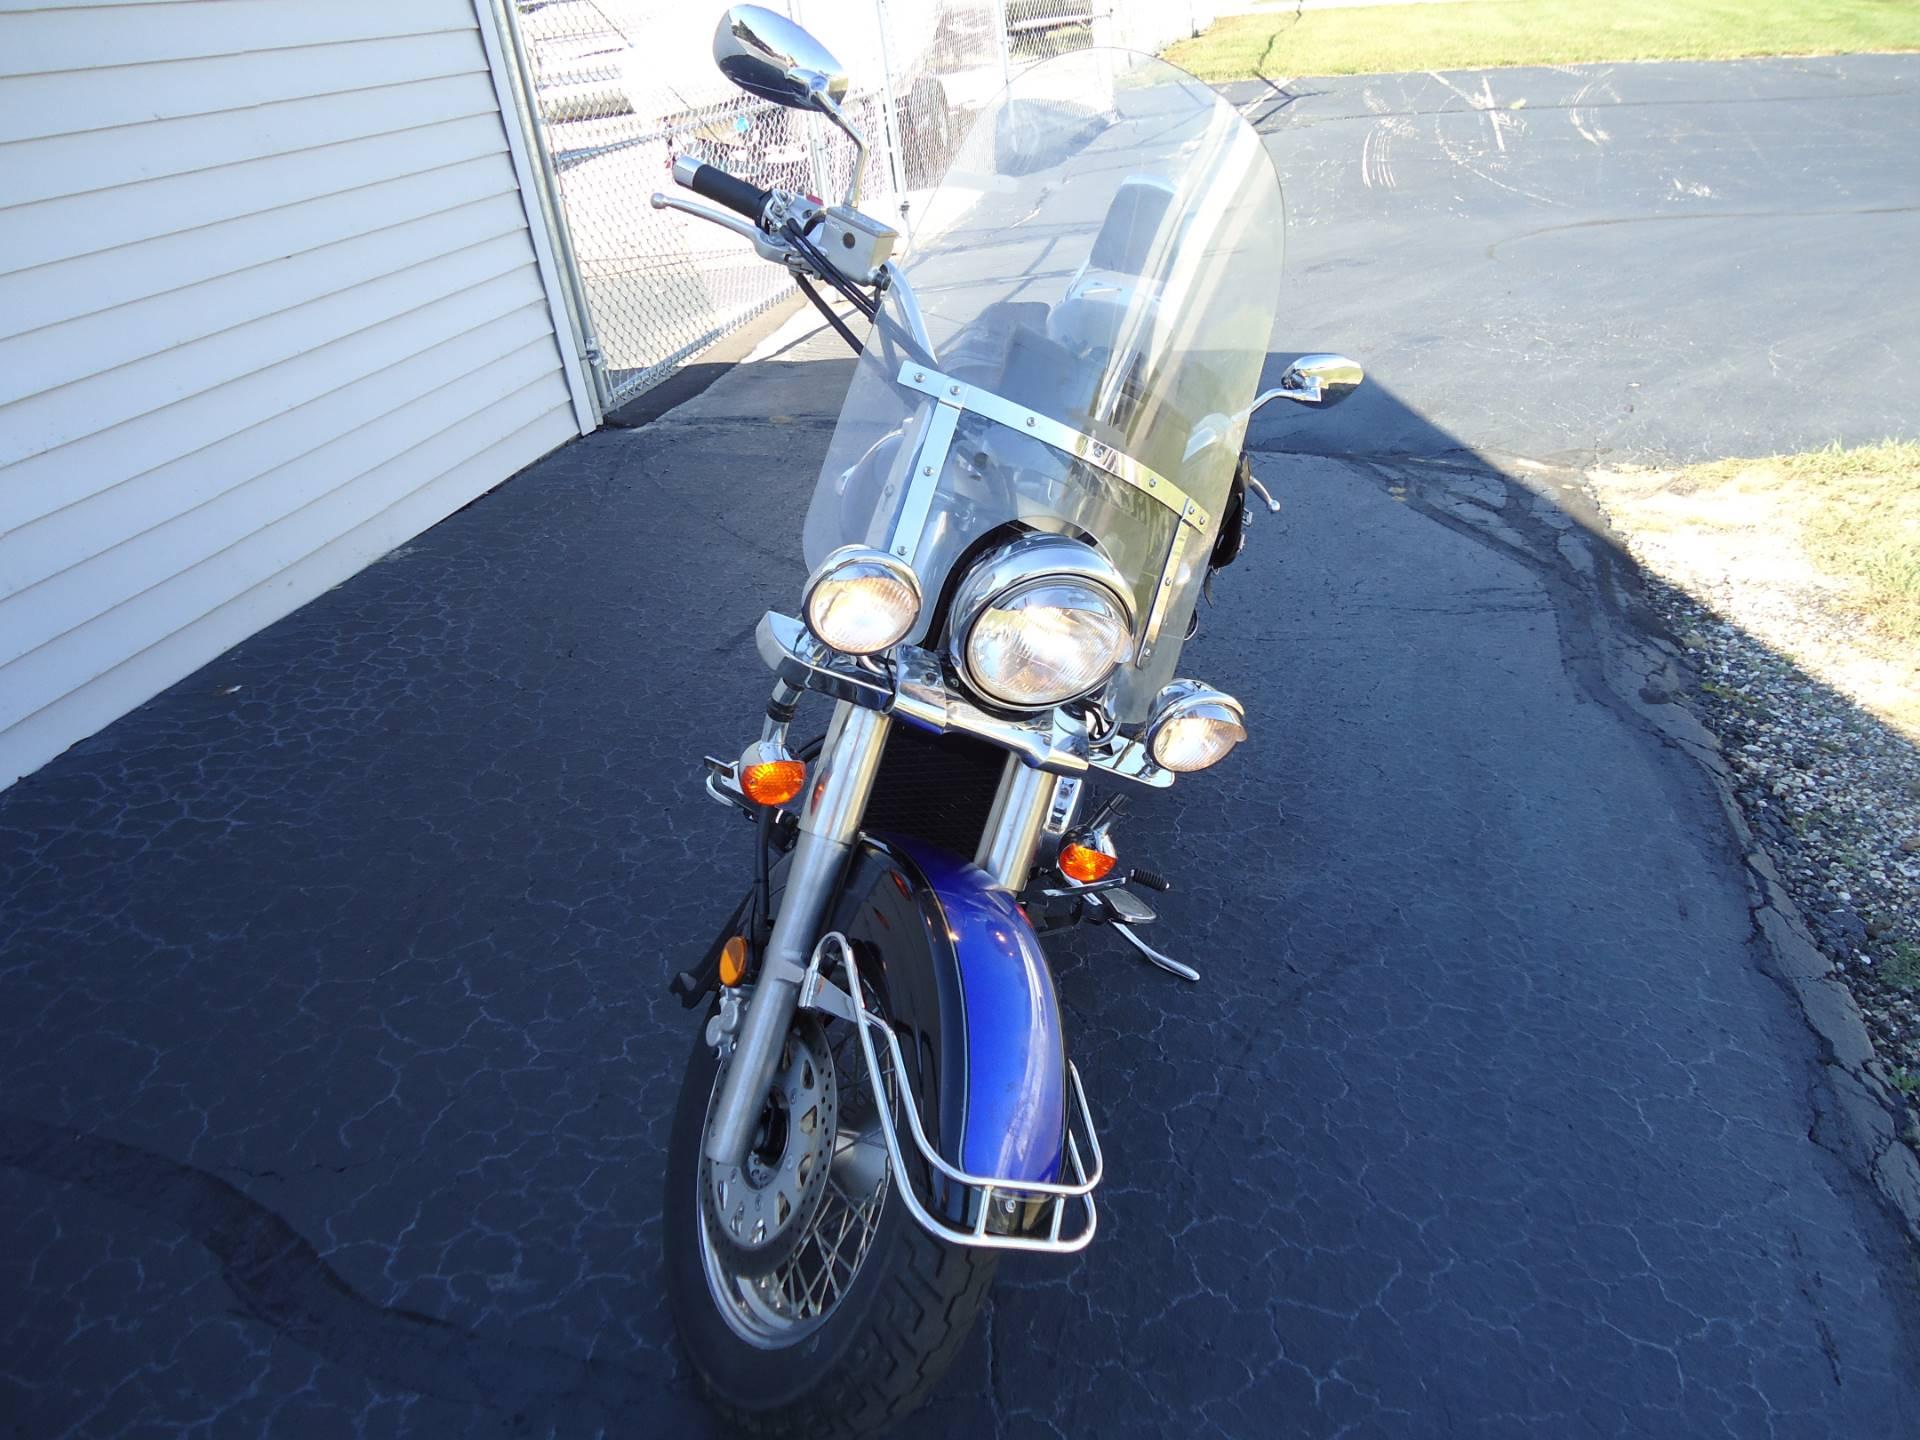 2002 Suzuki Intruder 800 3